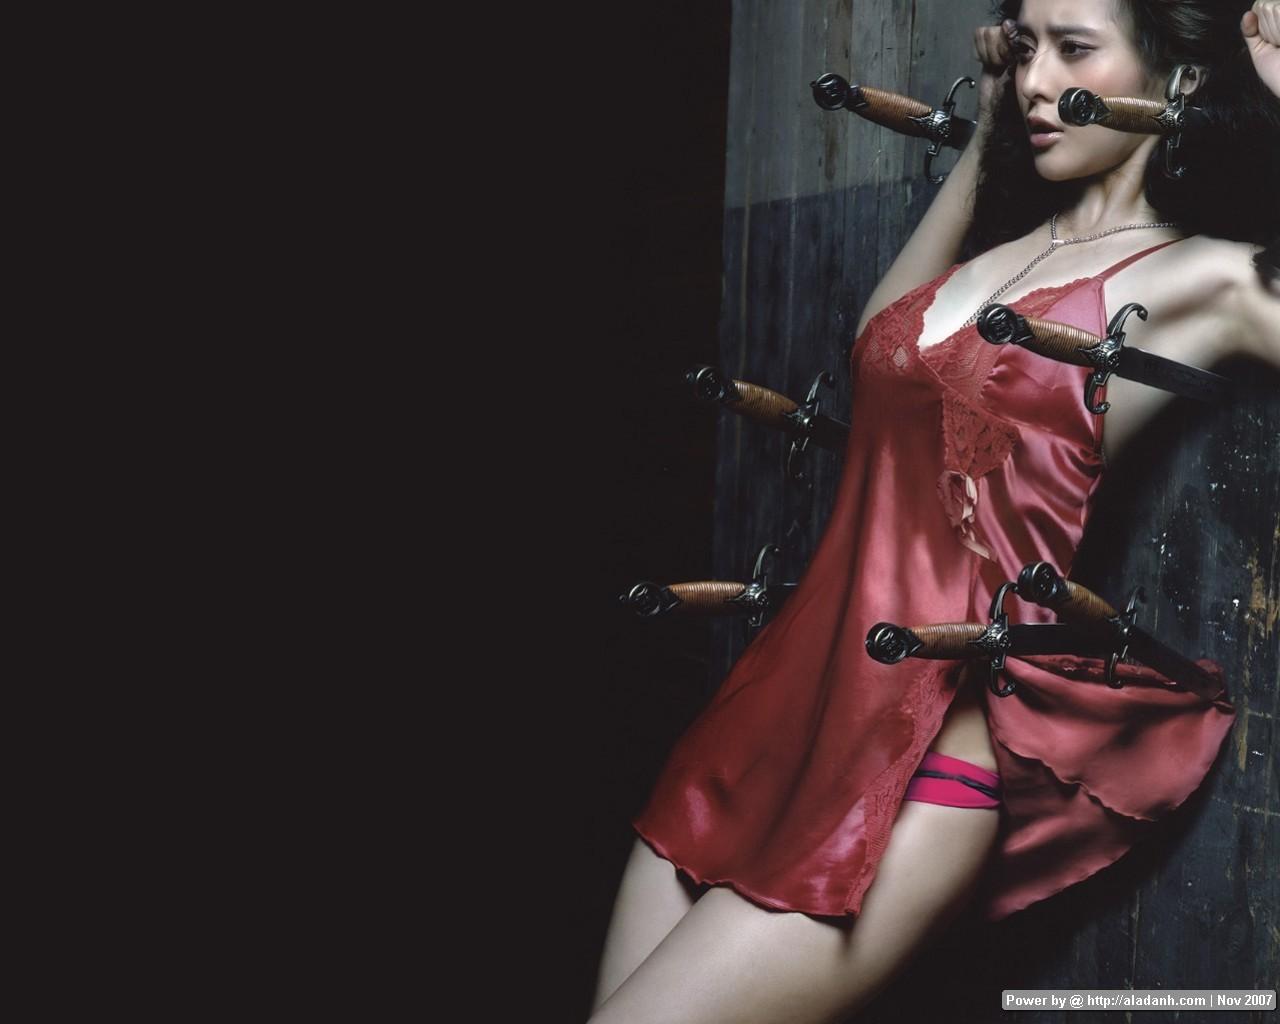 Resident evil 4 pono naked whores